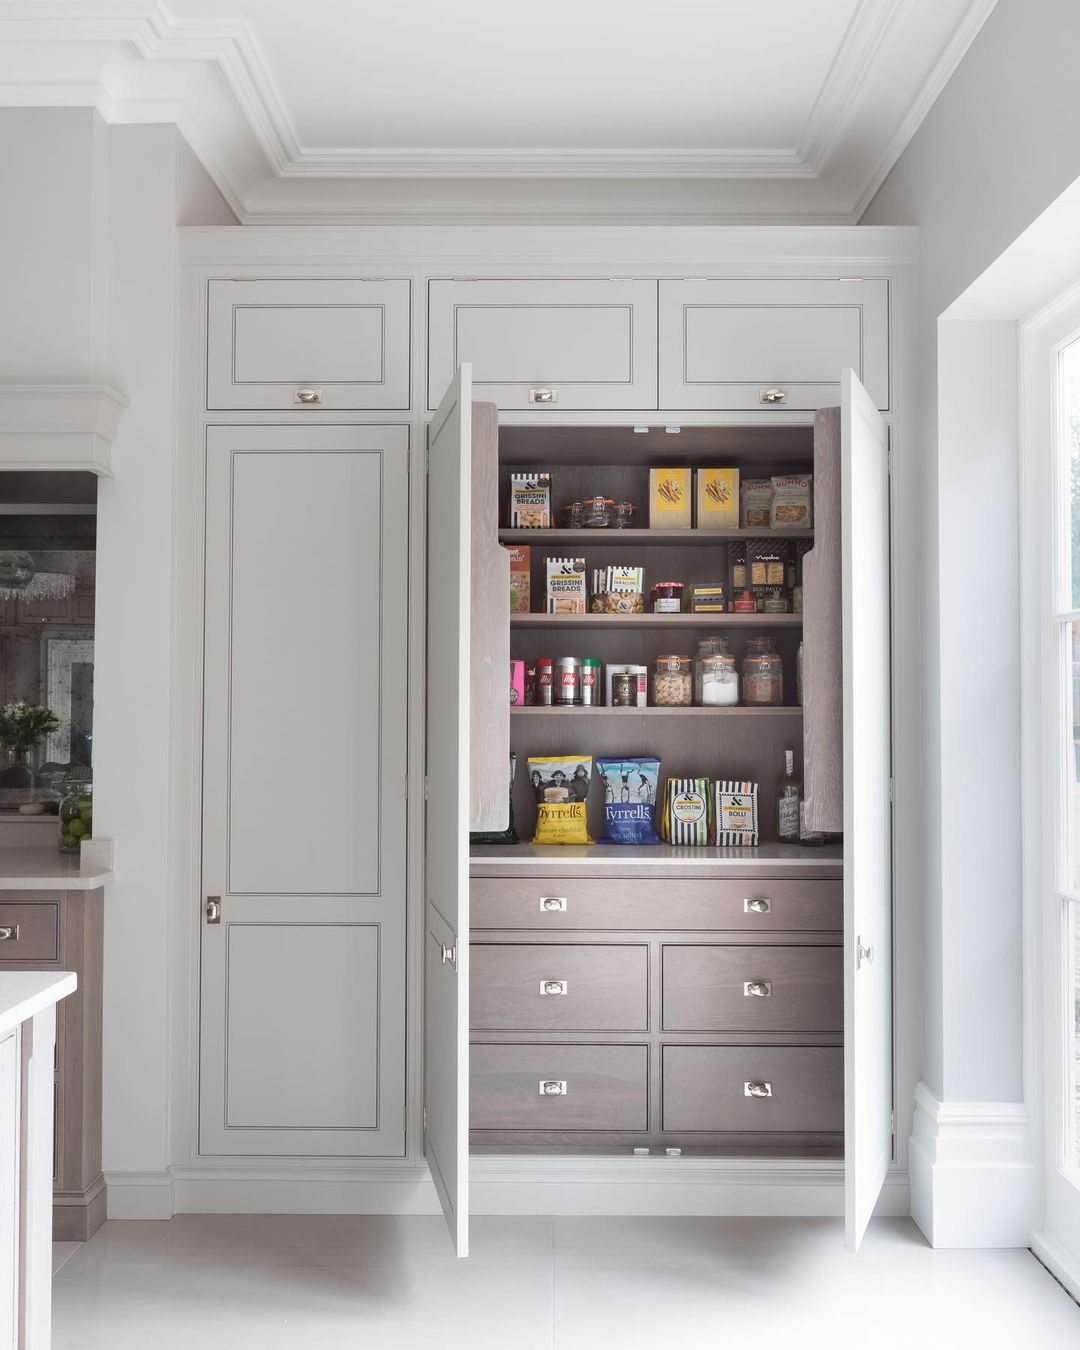 房子装修,柜子设计好,增加几倍收纳空间